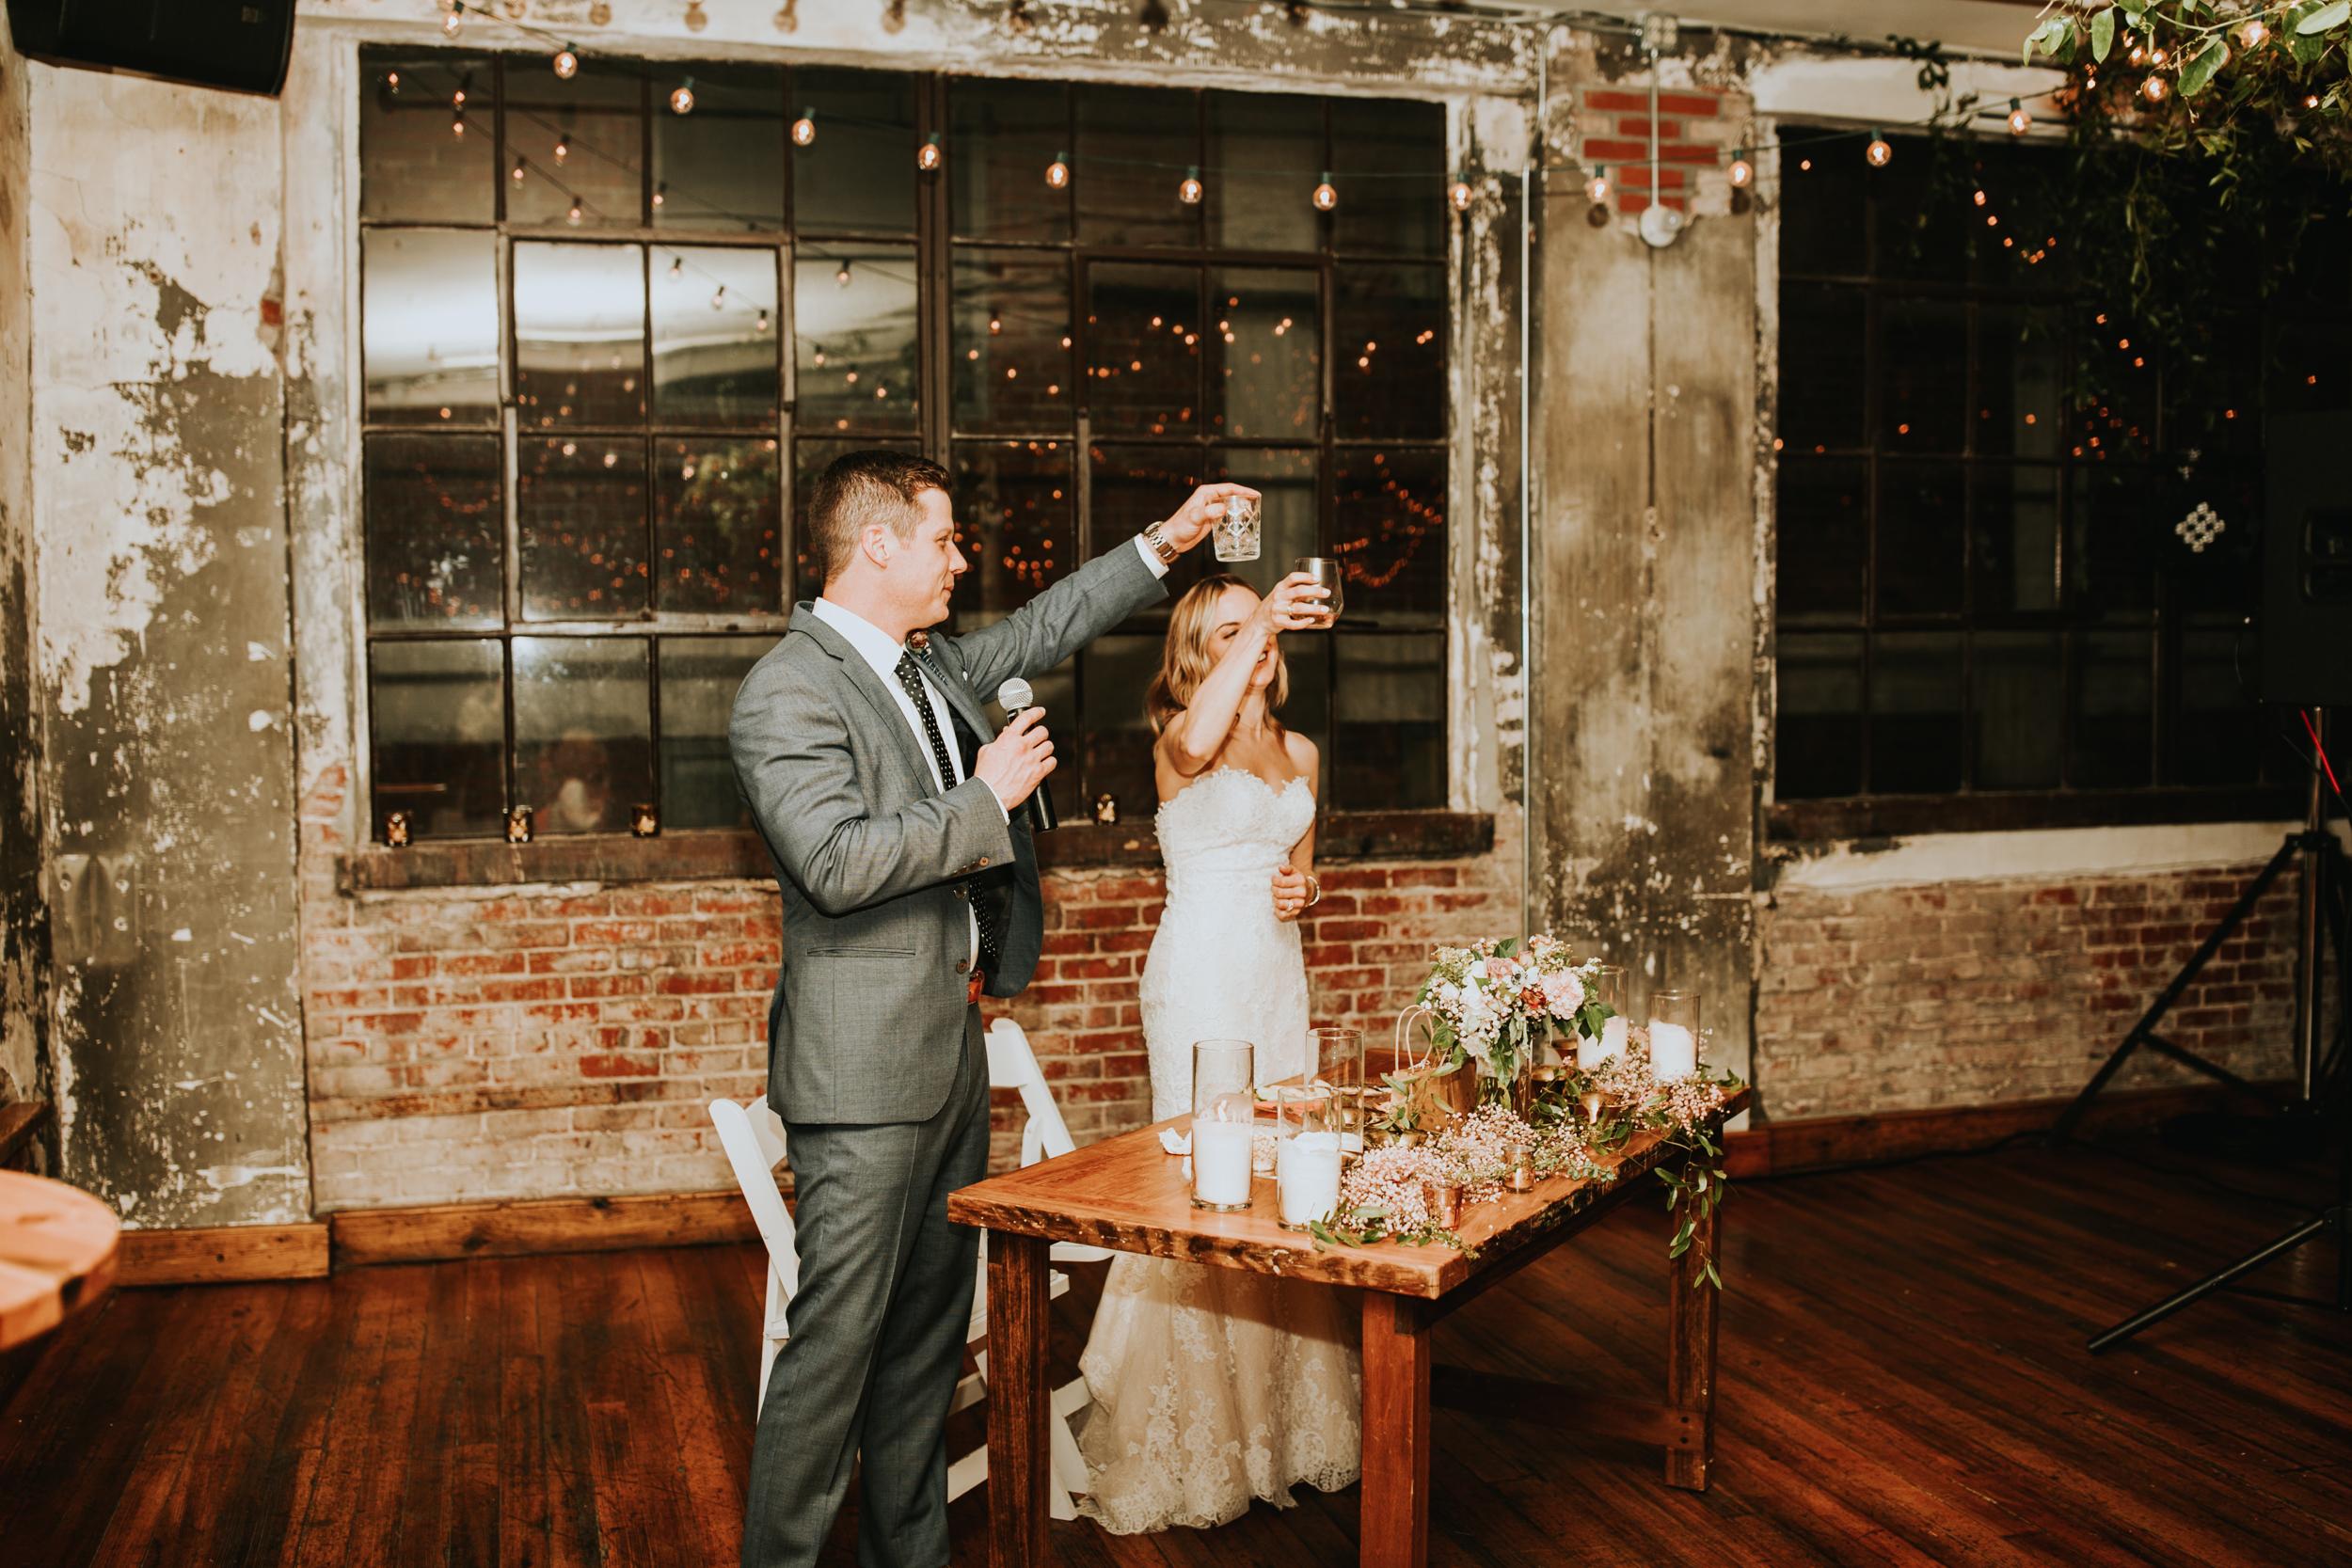 Britt and Scott Wedding Reception at The Bauer in Kansas City-159.jpg